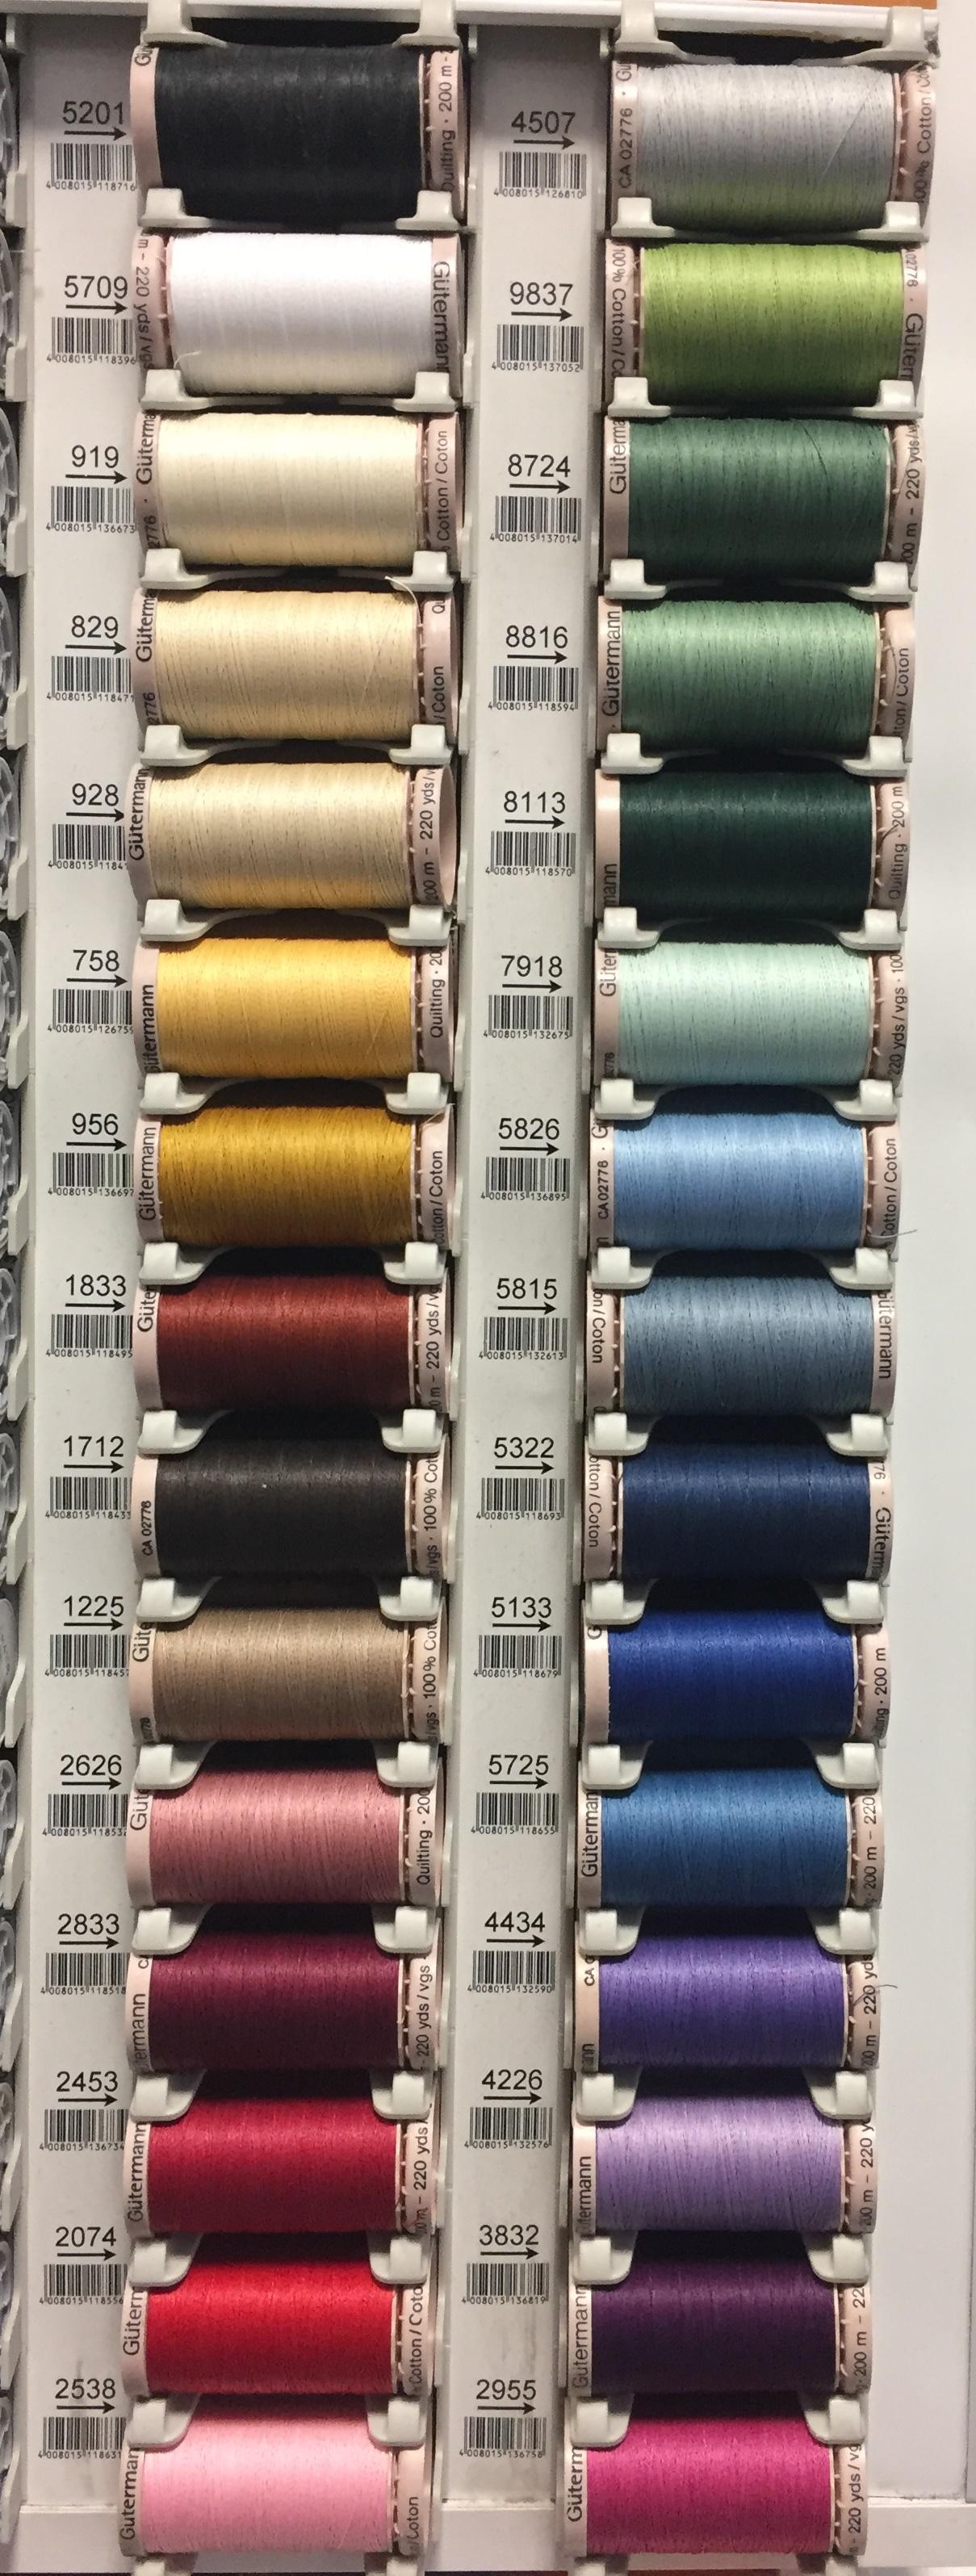 šicí nitě Gütermann 100%Bavlna 200m pro ruční šití-2